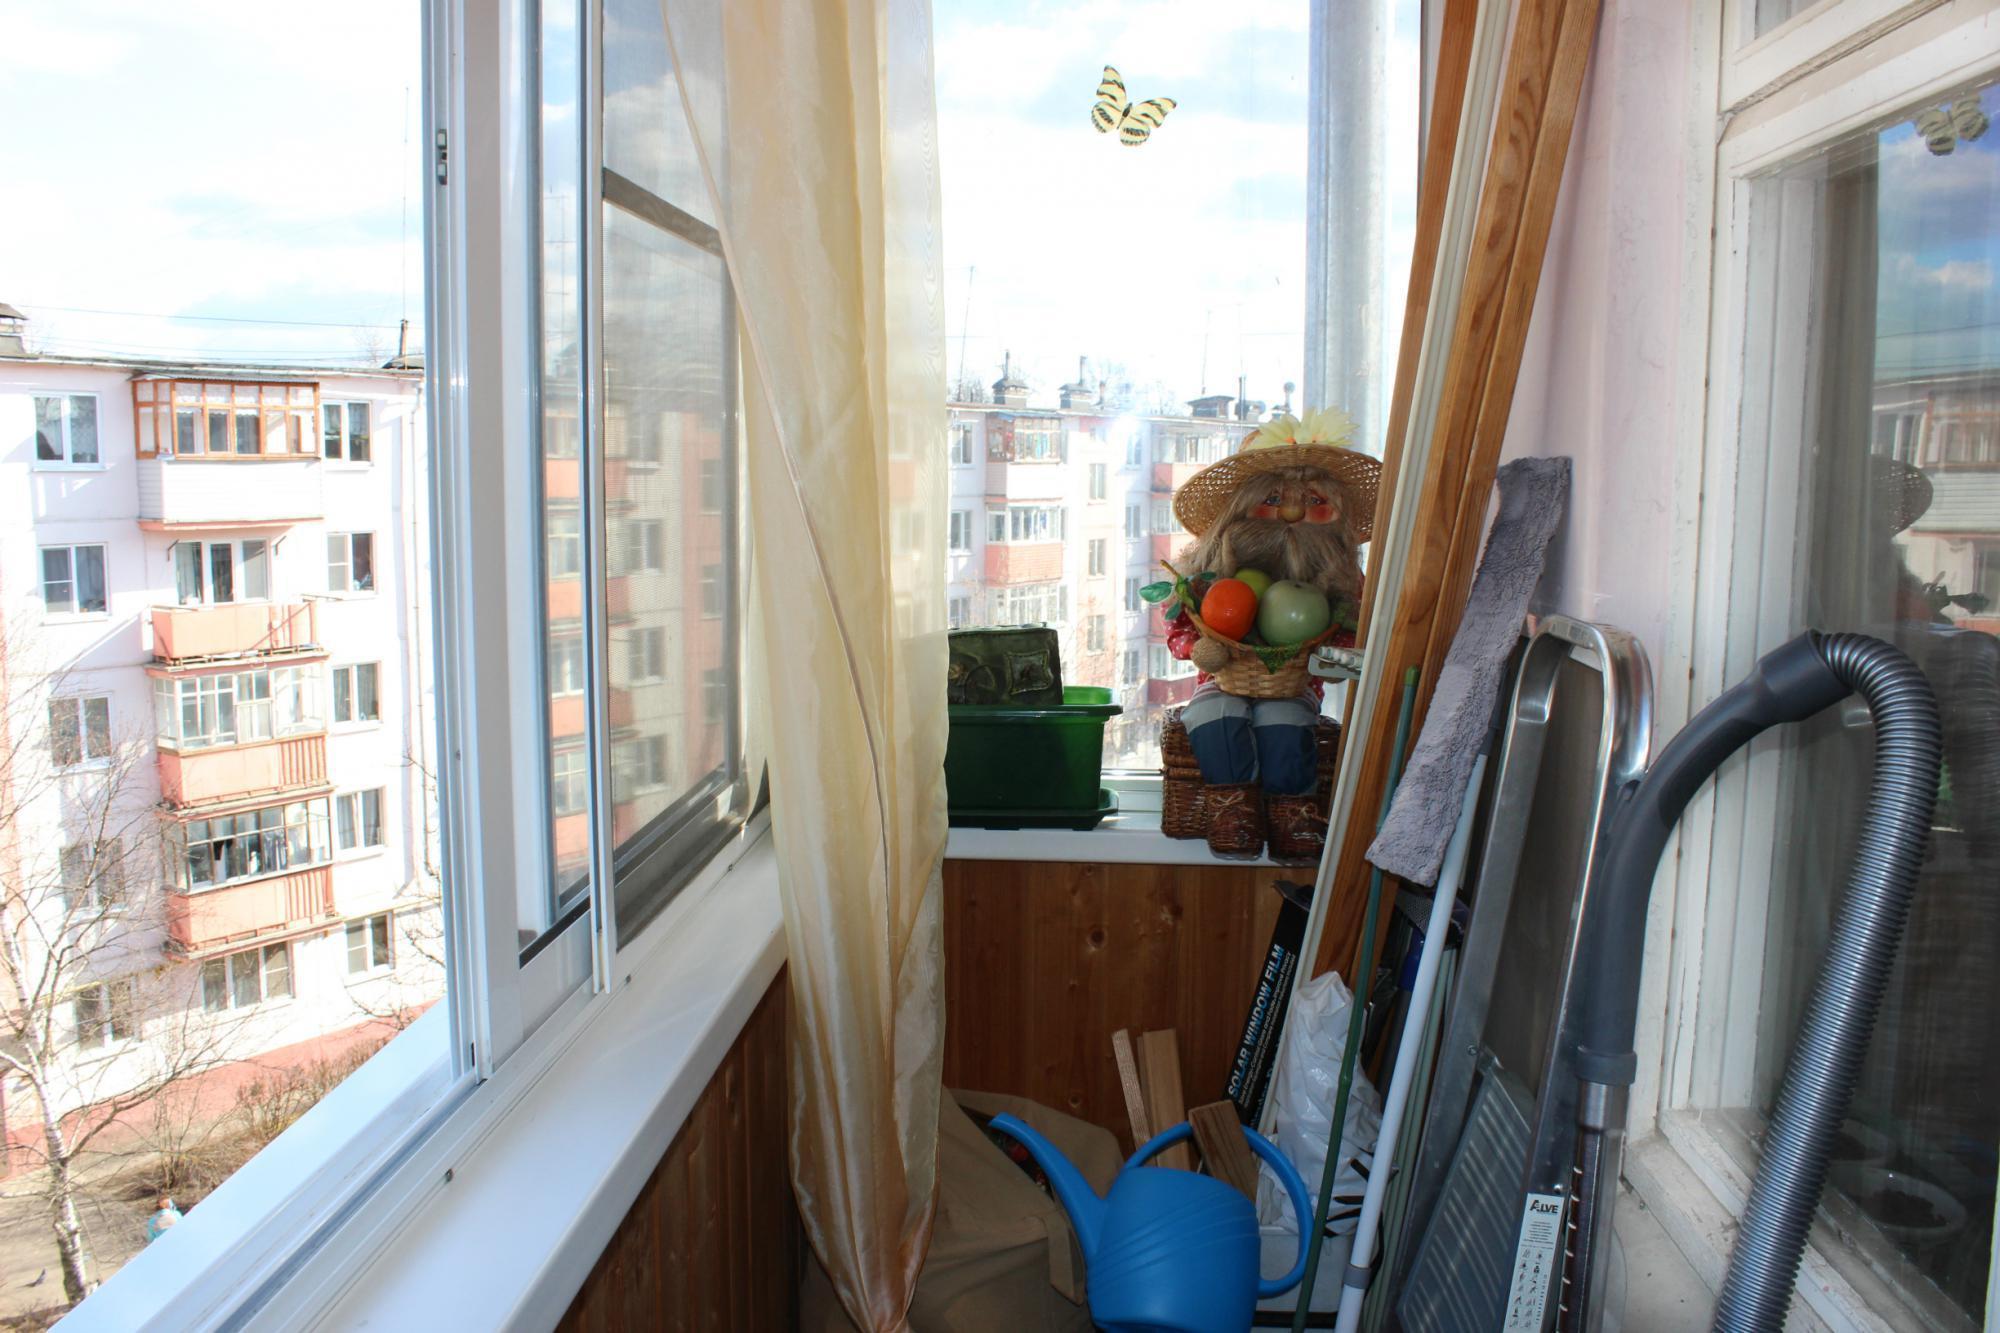 Наро-фоминск, 1-но комнатная квартира, ул. шибанкова д.53, 2.